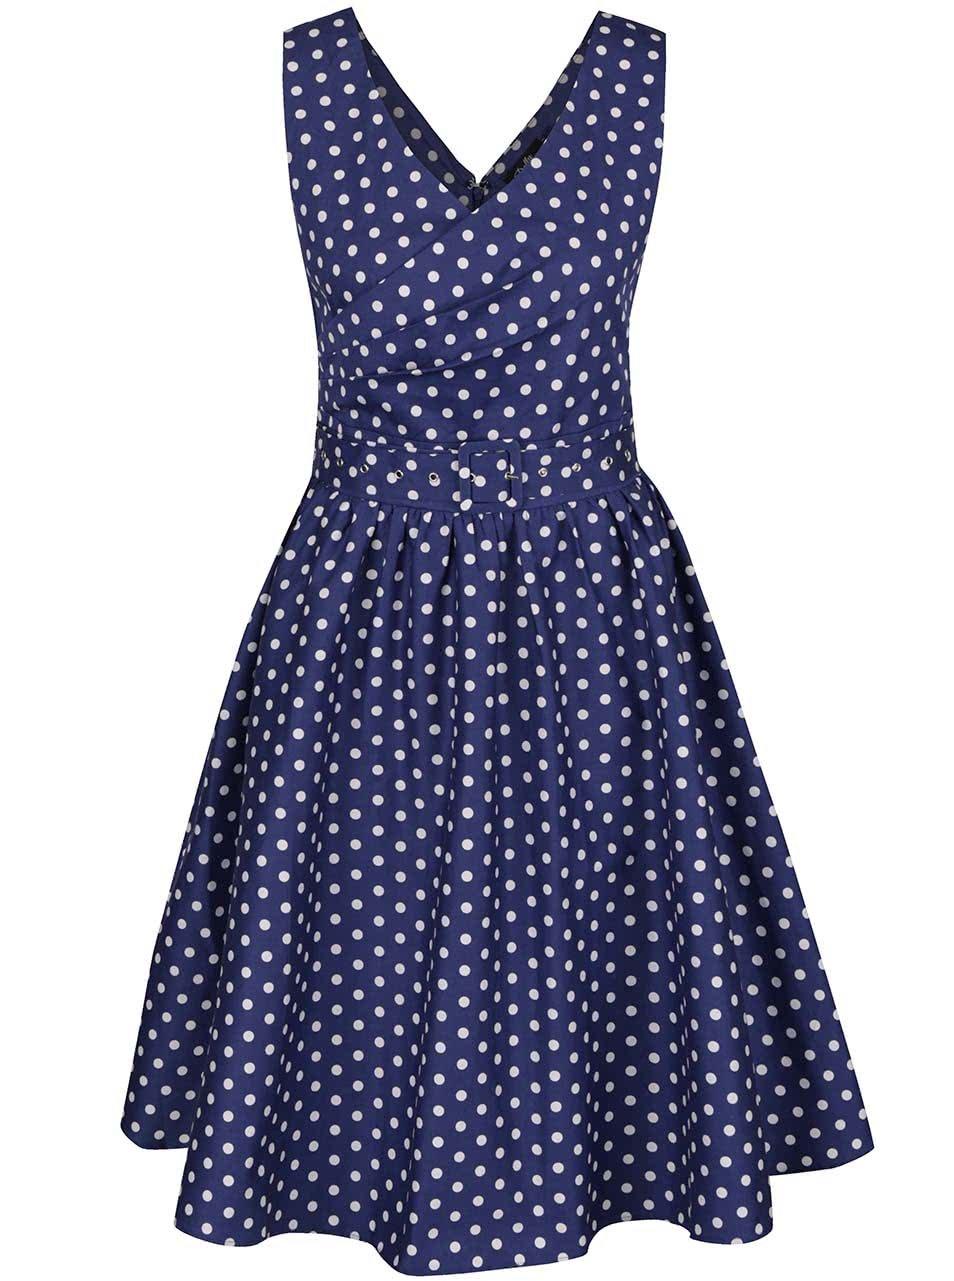 Modré puntíkované šaty s překládaným výstřihem Dolly & Dotty May